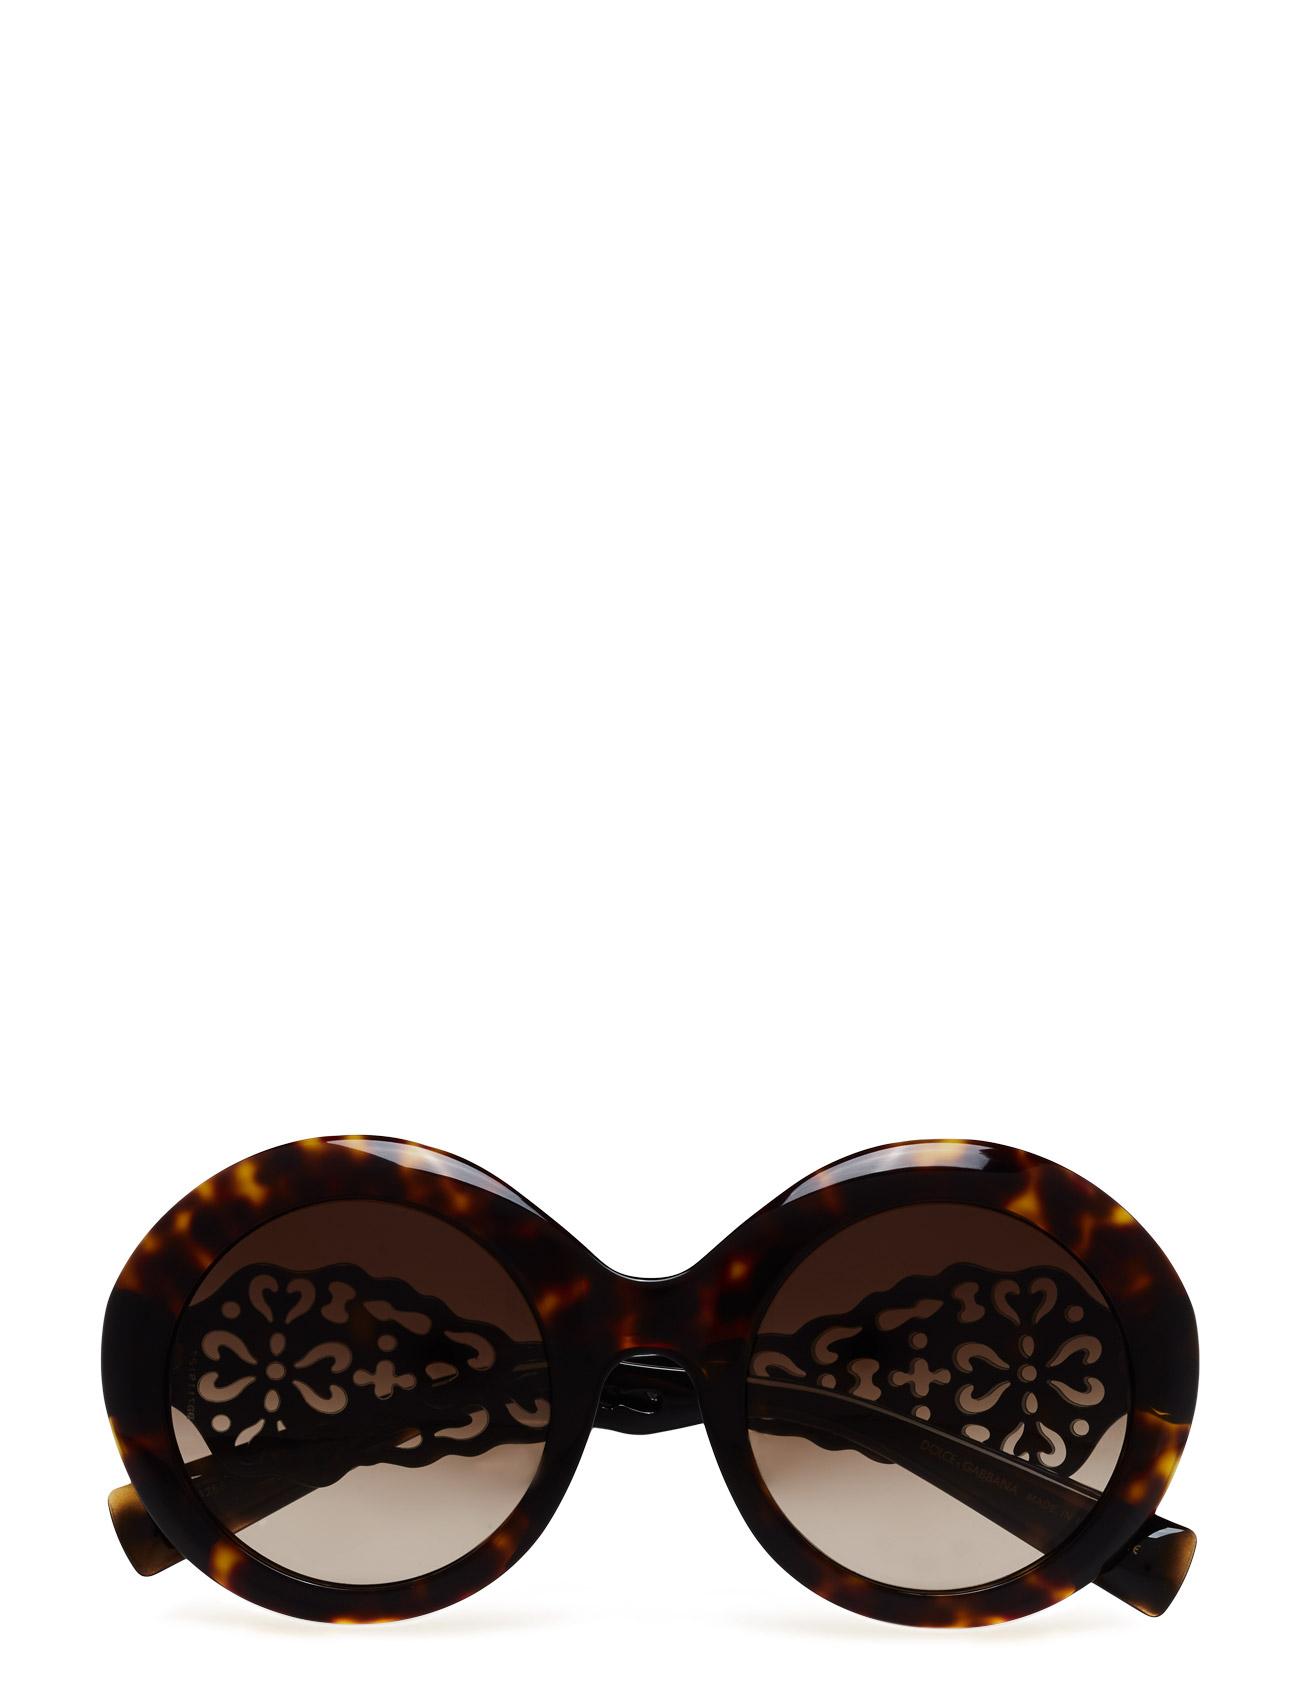 Catwalk Dolce & Gabbana Sunglasses Solbriller til Kvinder i